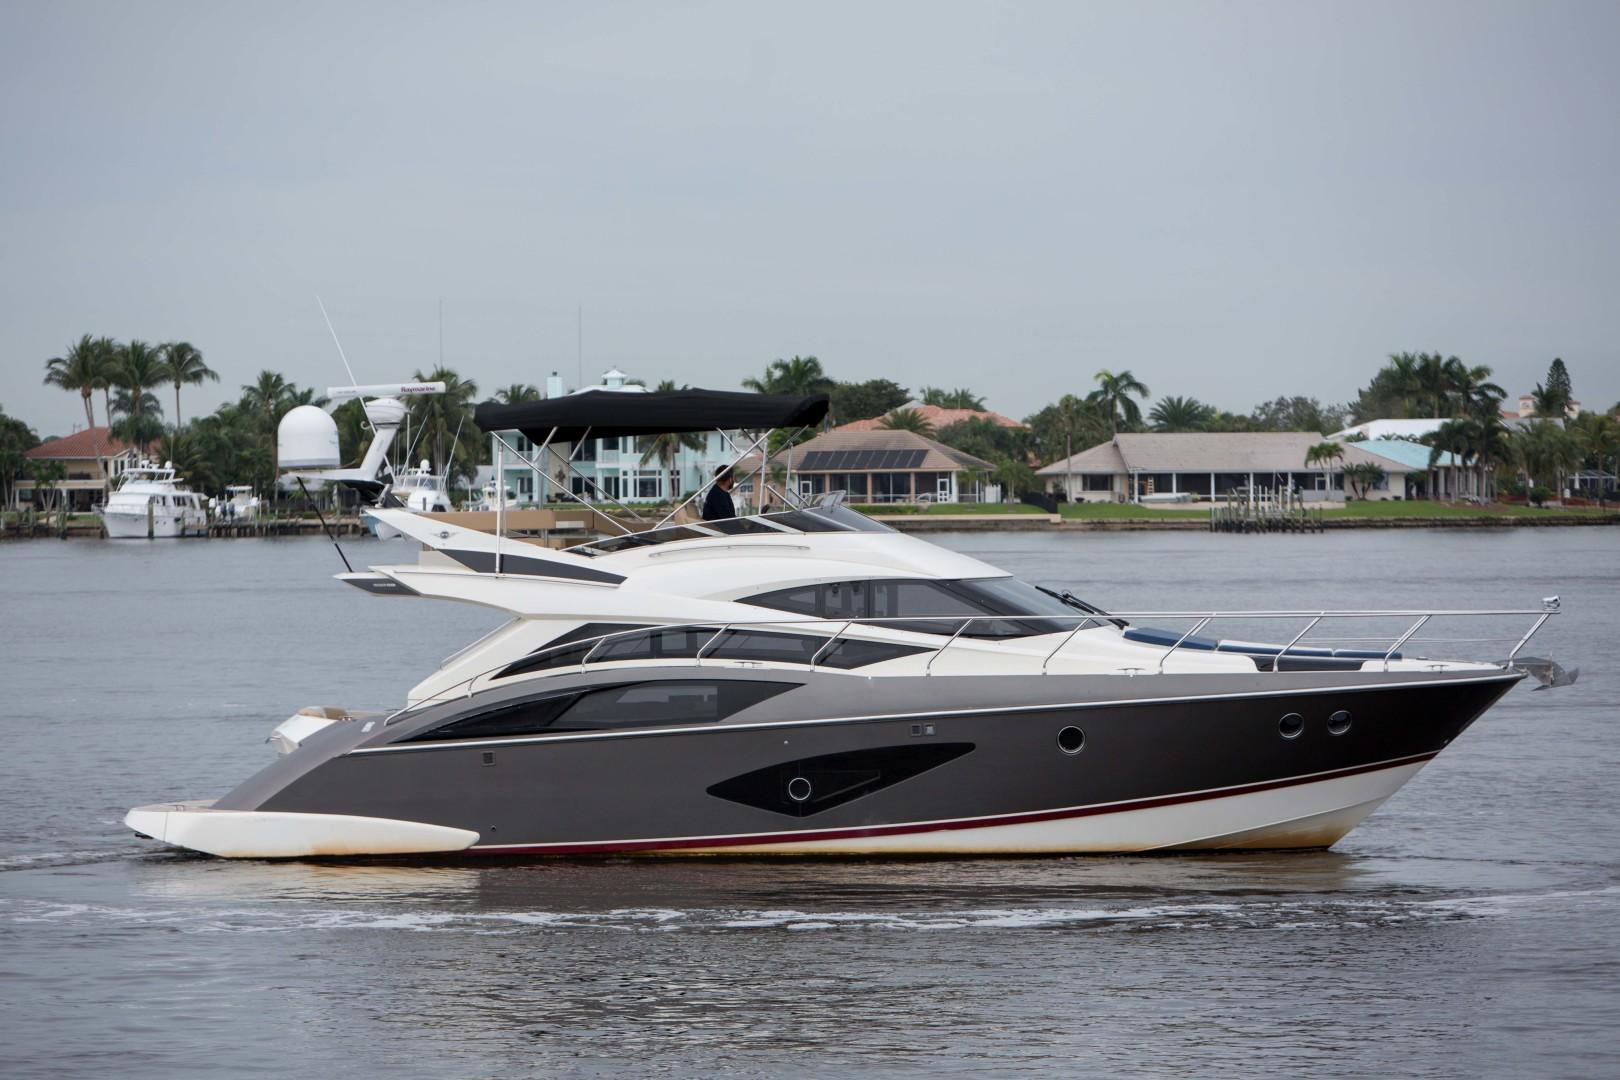 Marquis-Sportbridge 2013-No Name 50 Marquis Stuart-Florida-United States-1569220 | Thumbnail